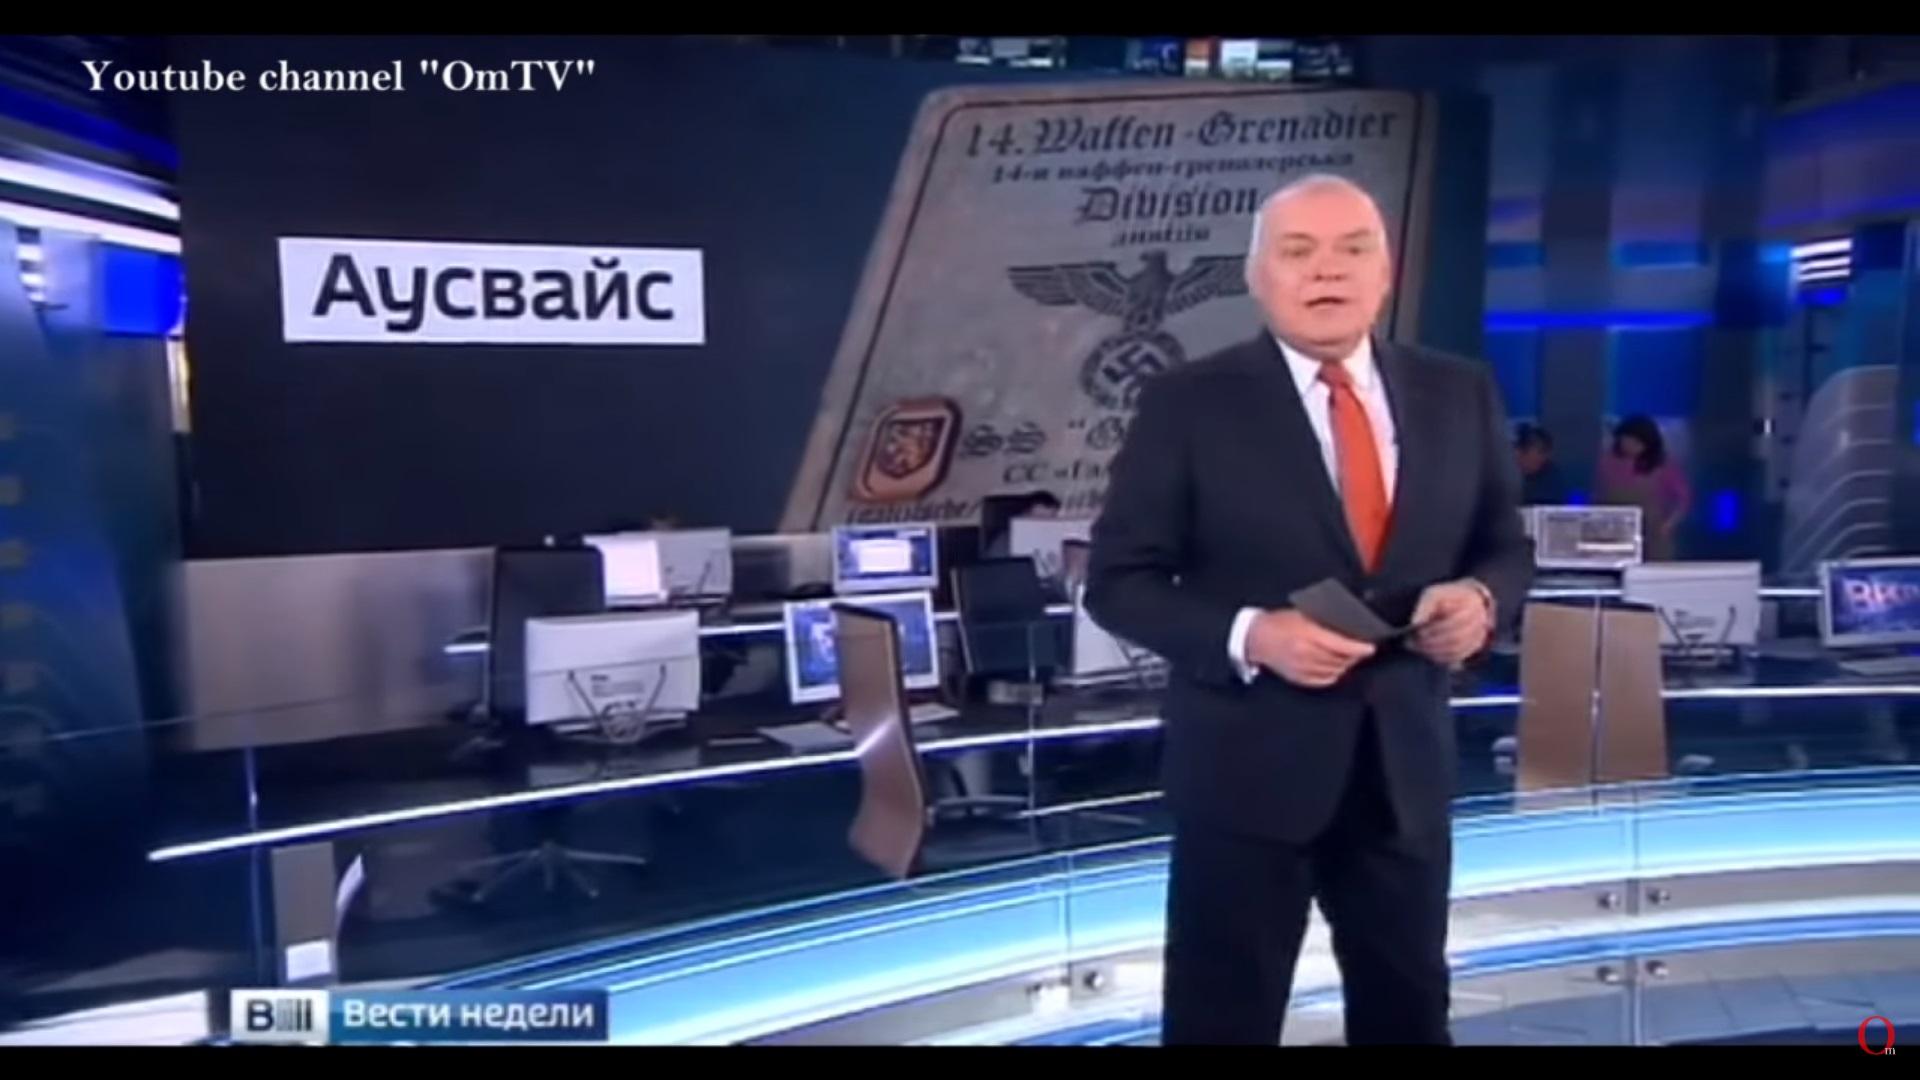 """Киселевщина выдала свежую серию фейков - конкурентов """"распятому мальчику"""" (ВИДЕО)"""